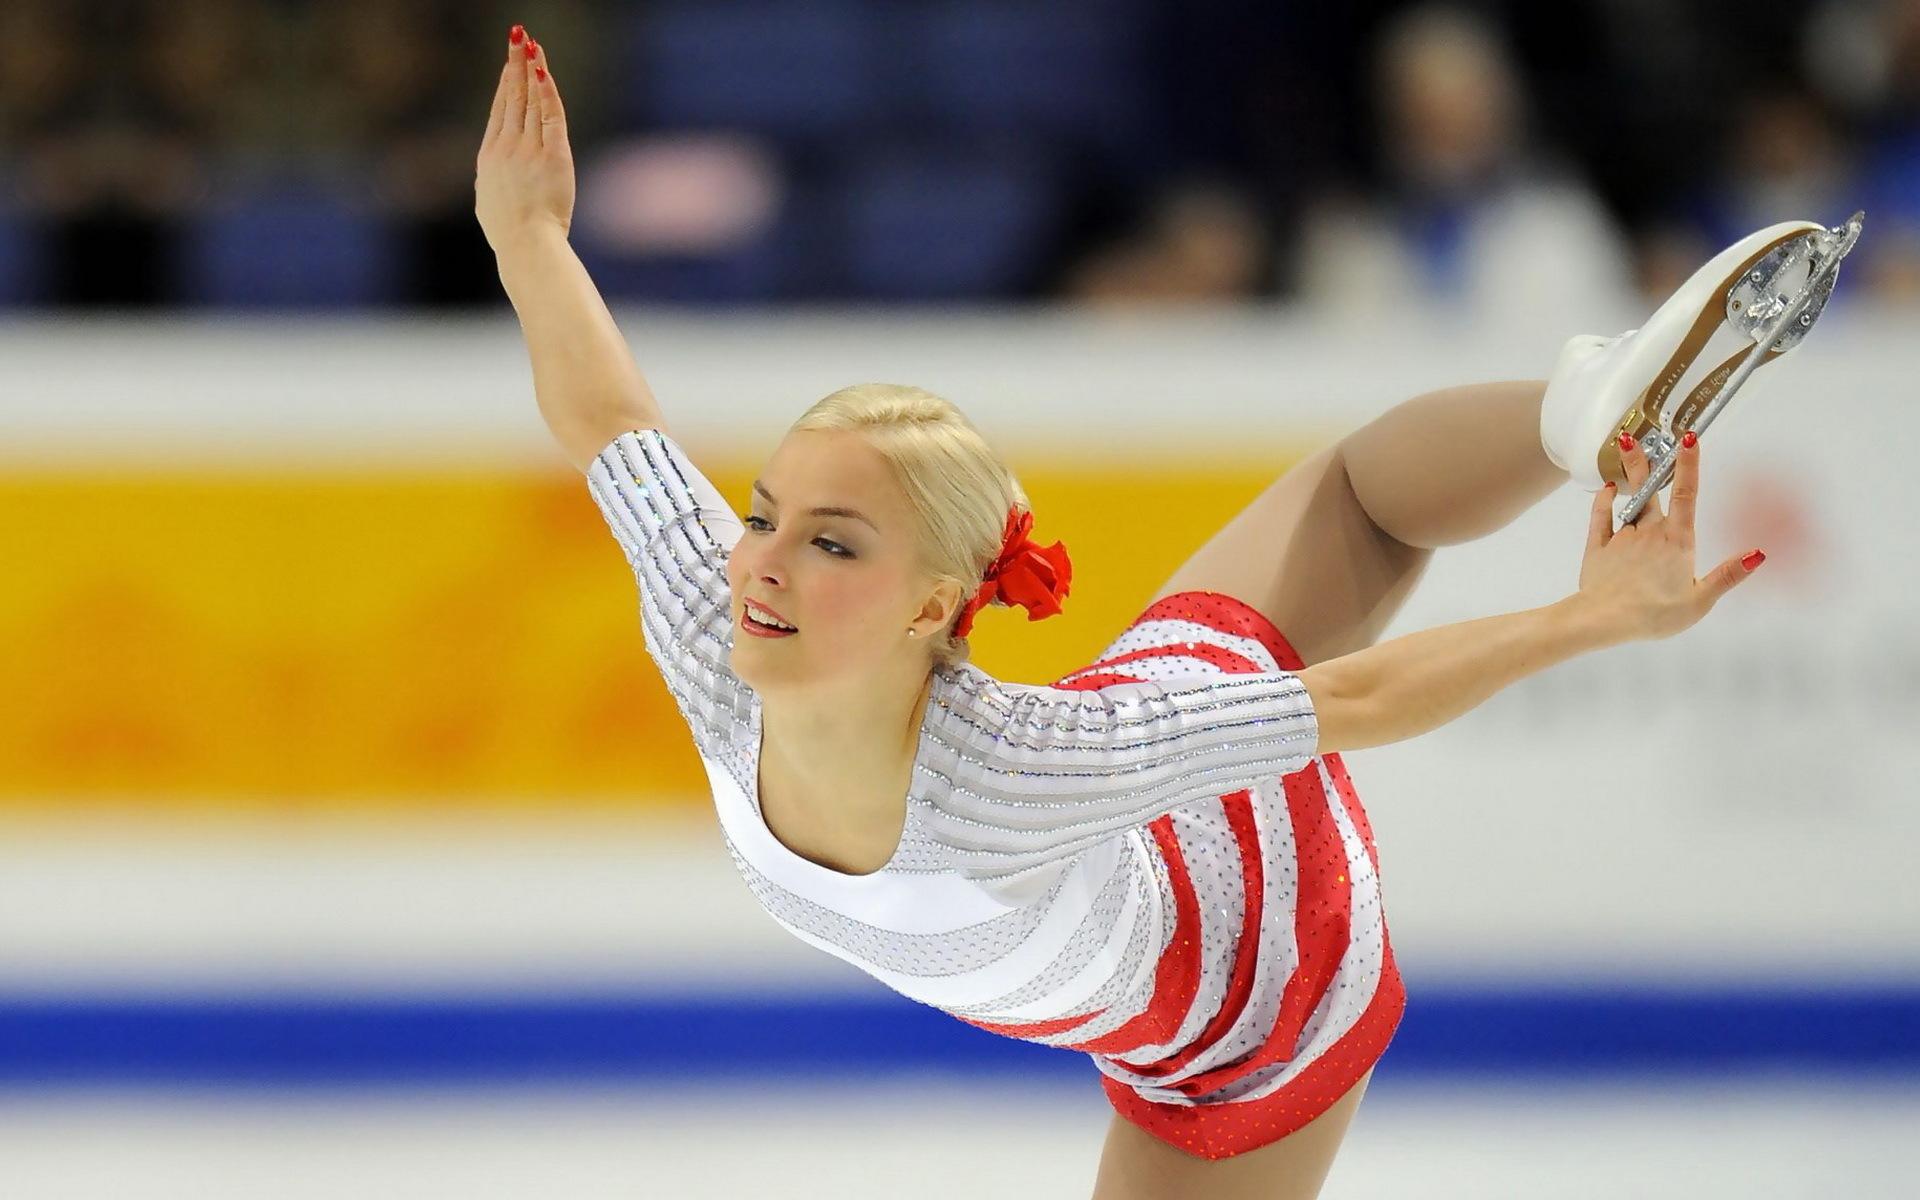 366438_sport_figurnoe-katanie_1920x1200_(www.GdeFon.ru)